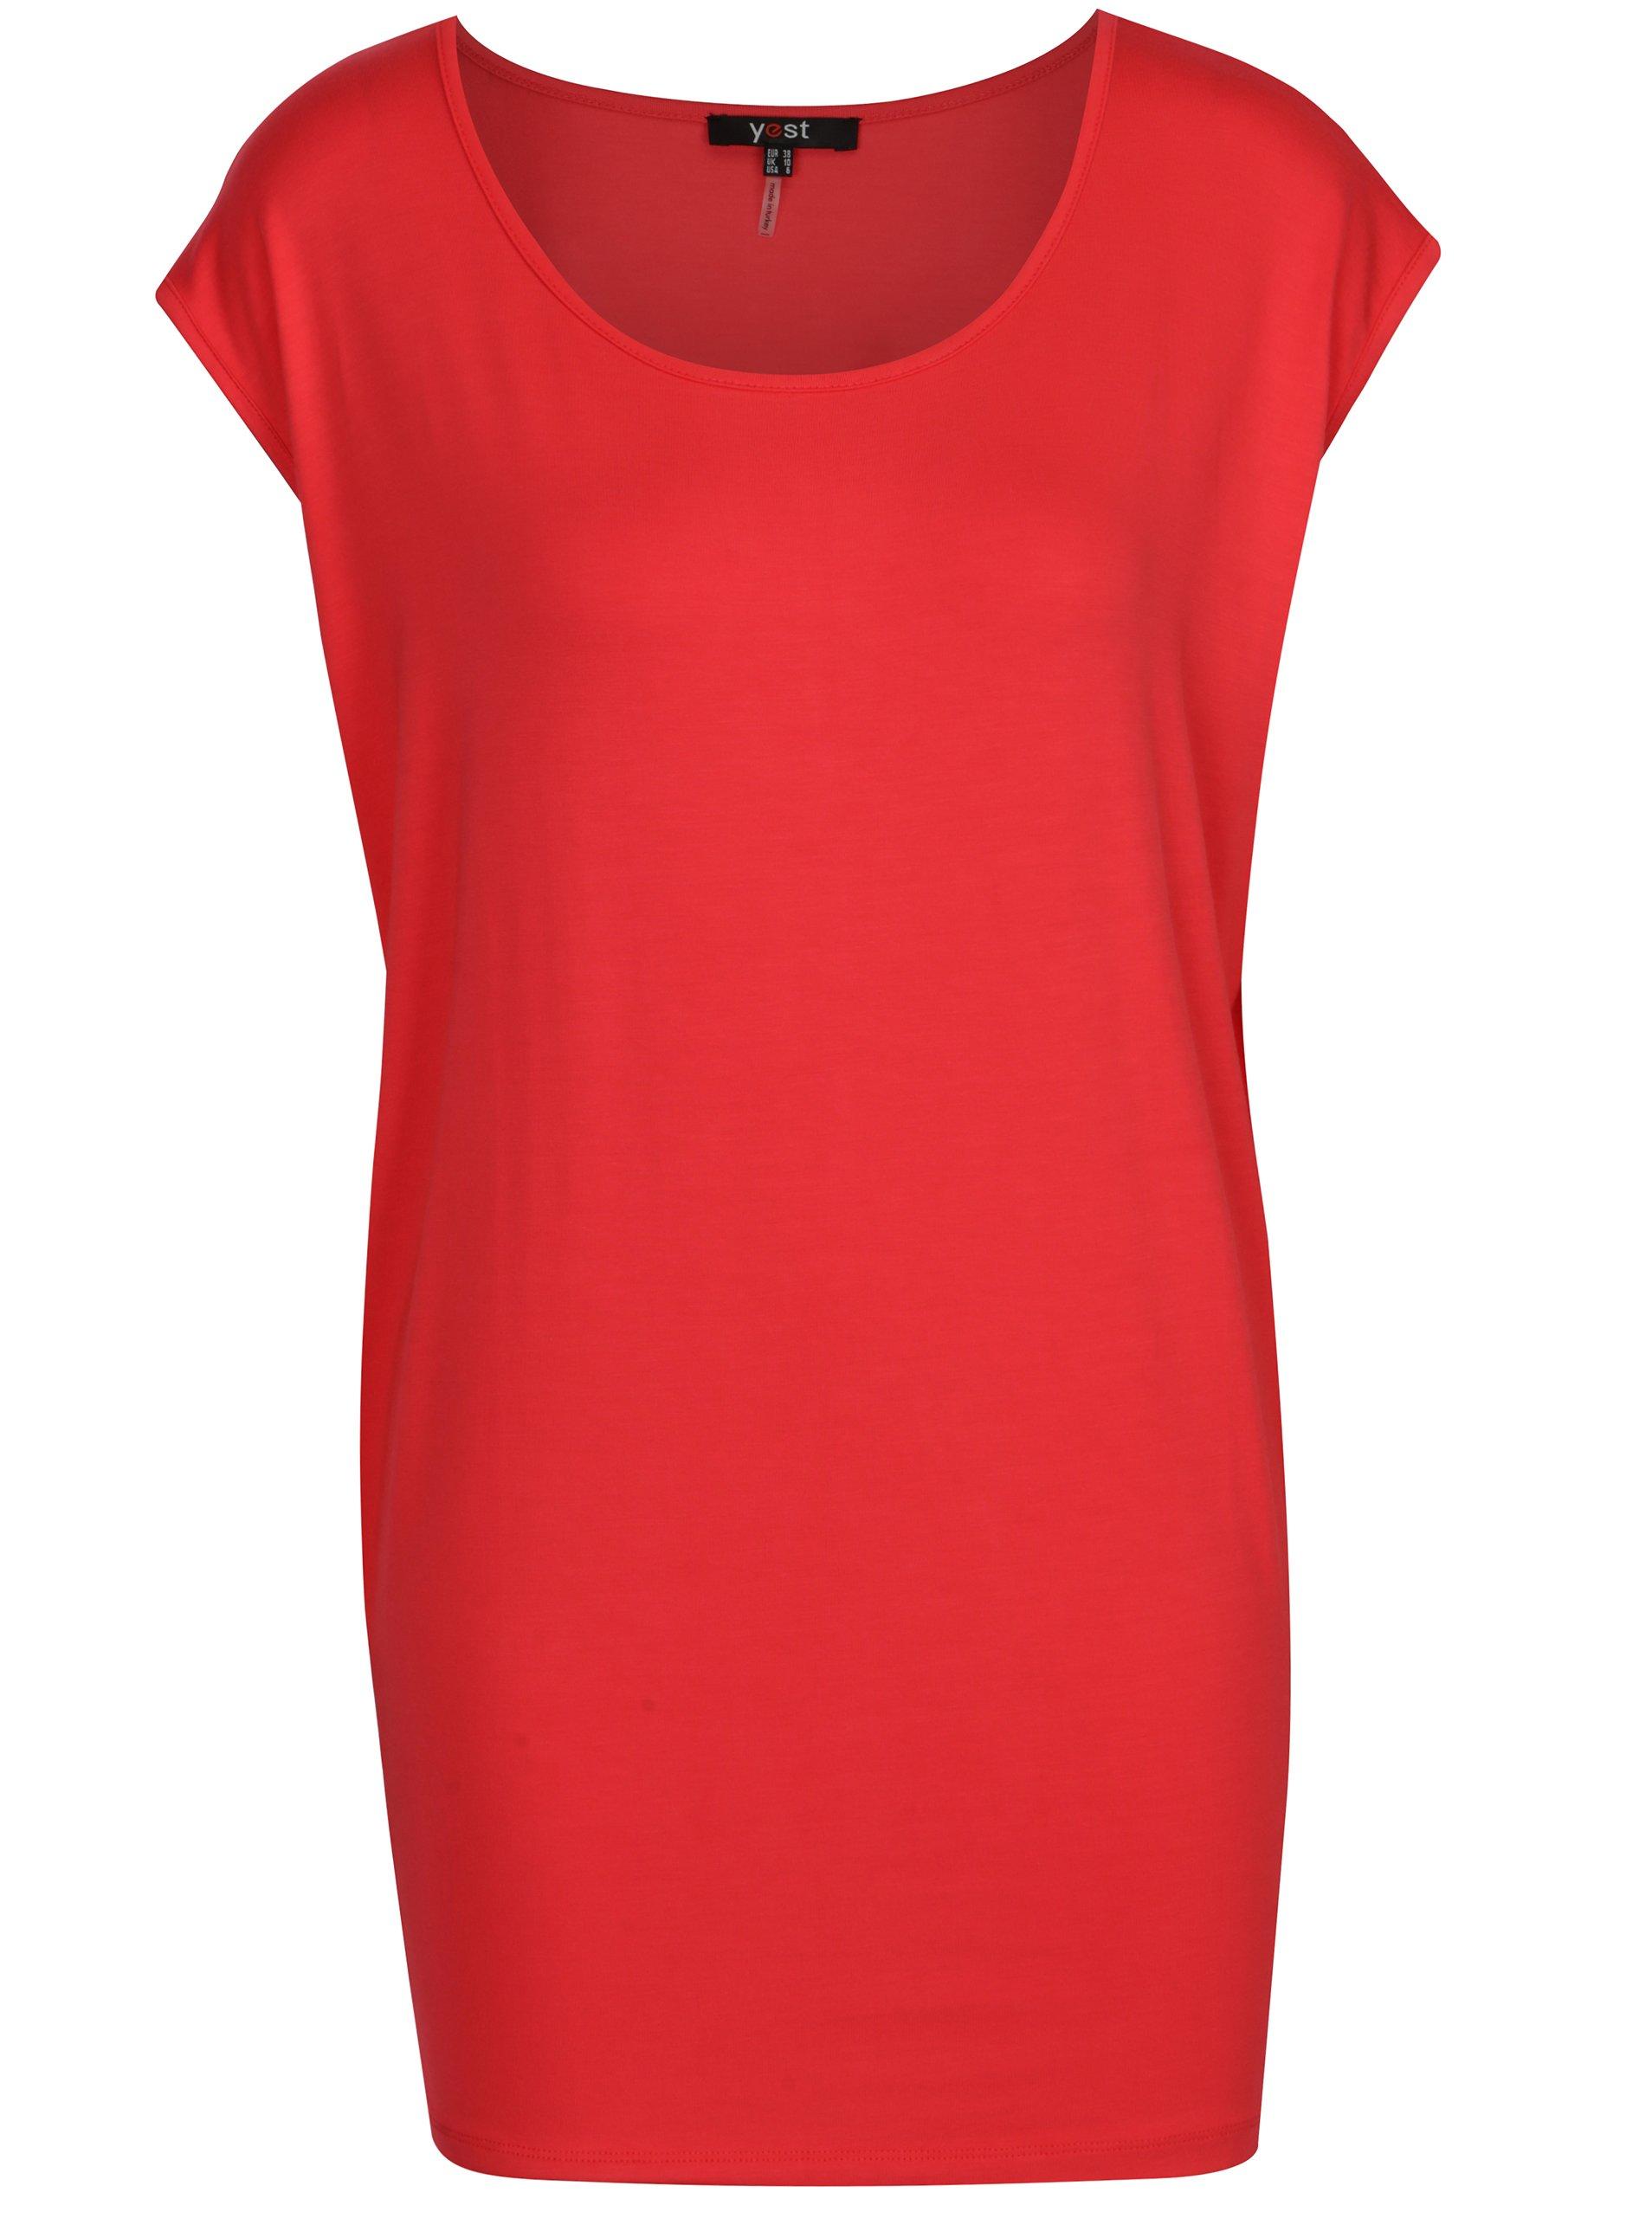 Červené voľné tričko Yest